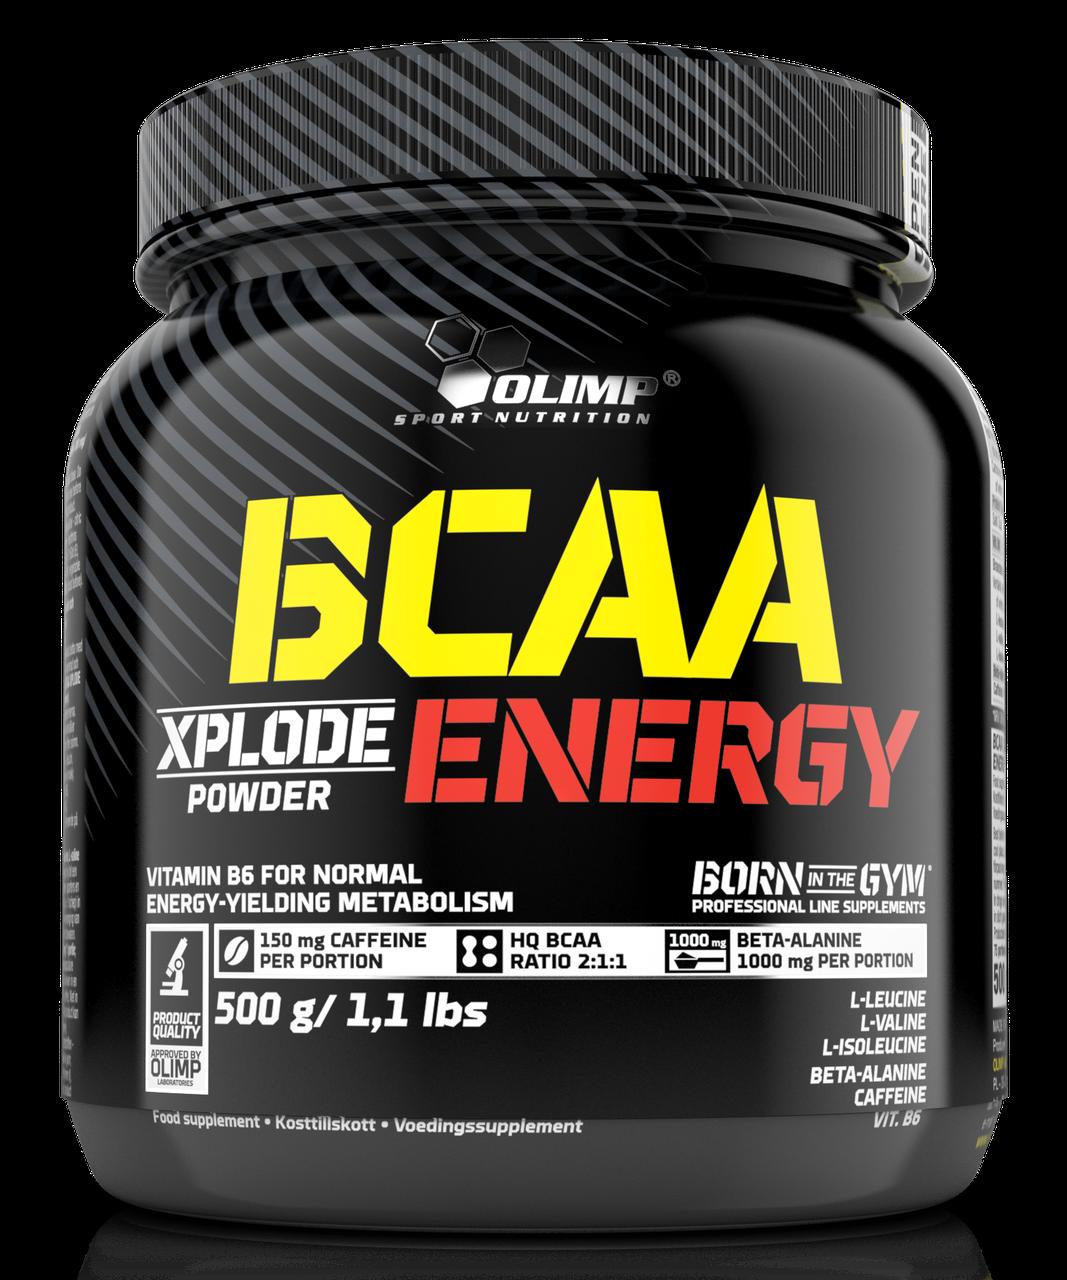 Аминокислоты Olimp BCAA Xplode ENERGY 500 g